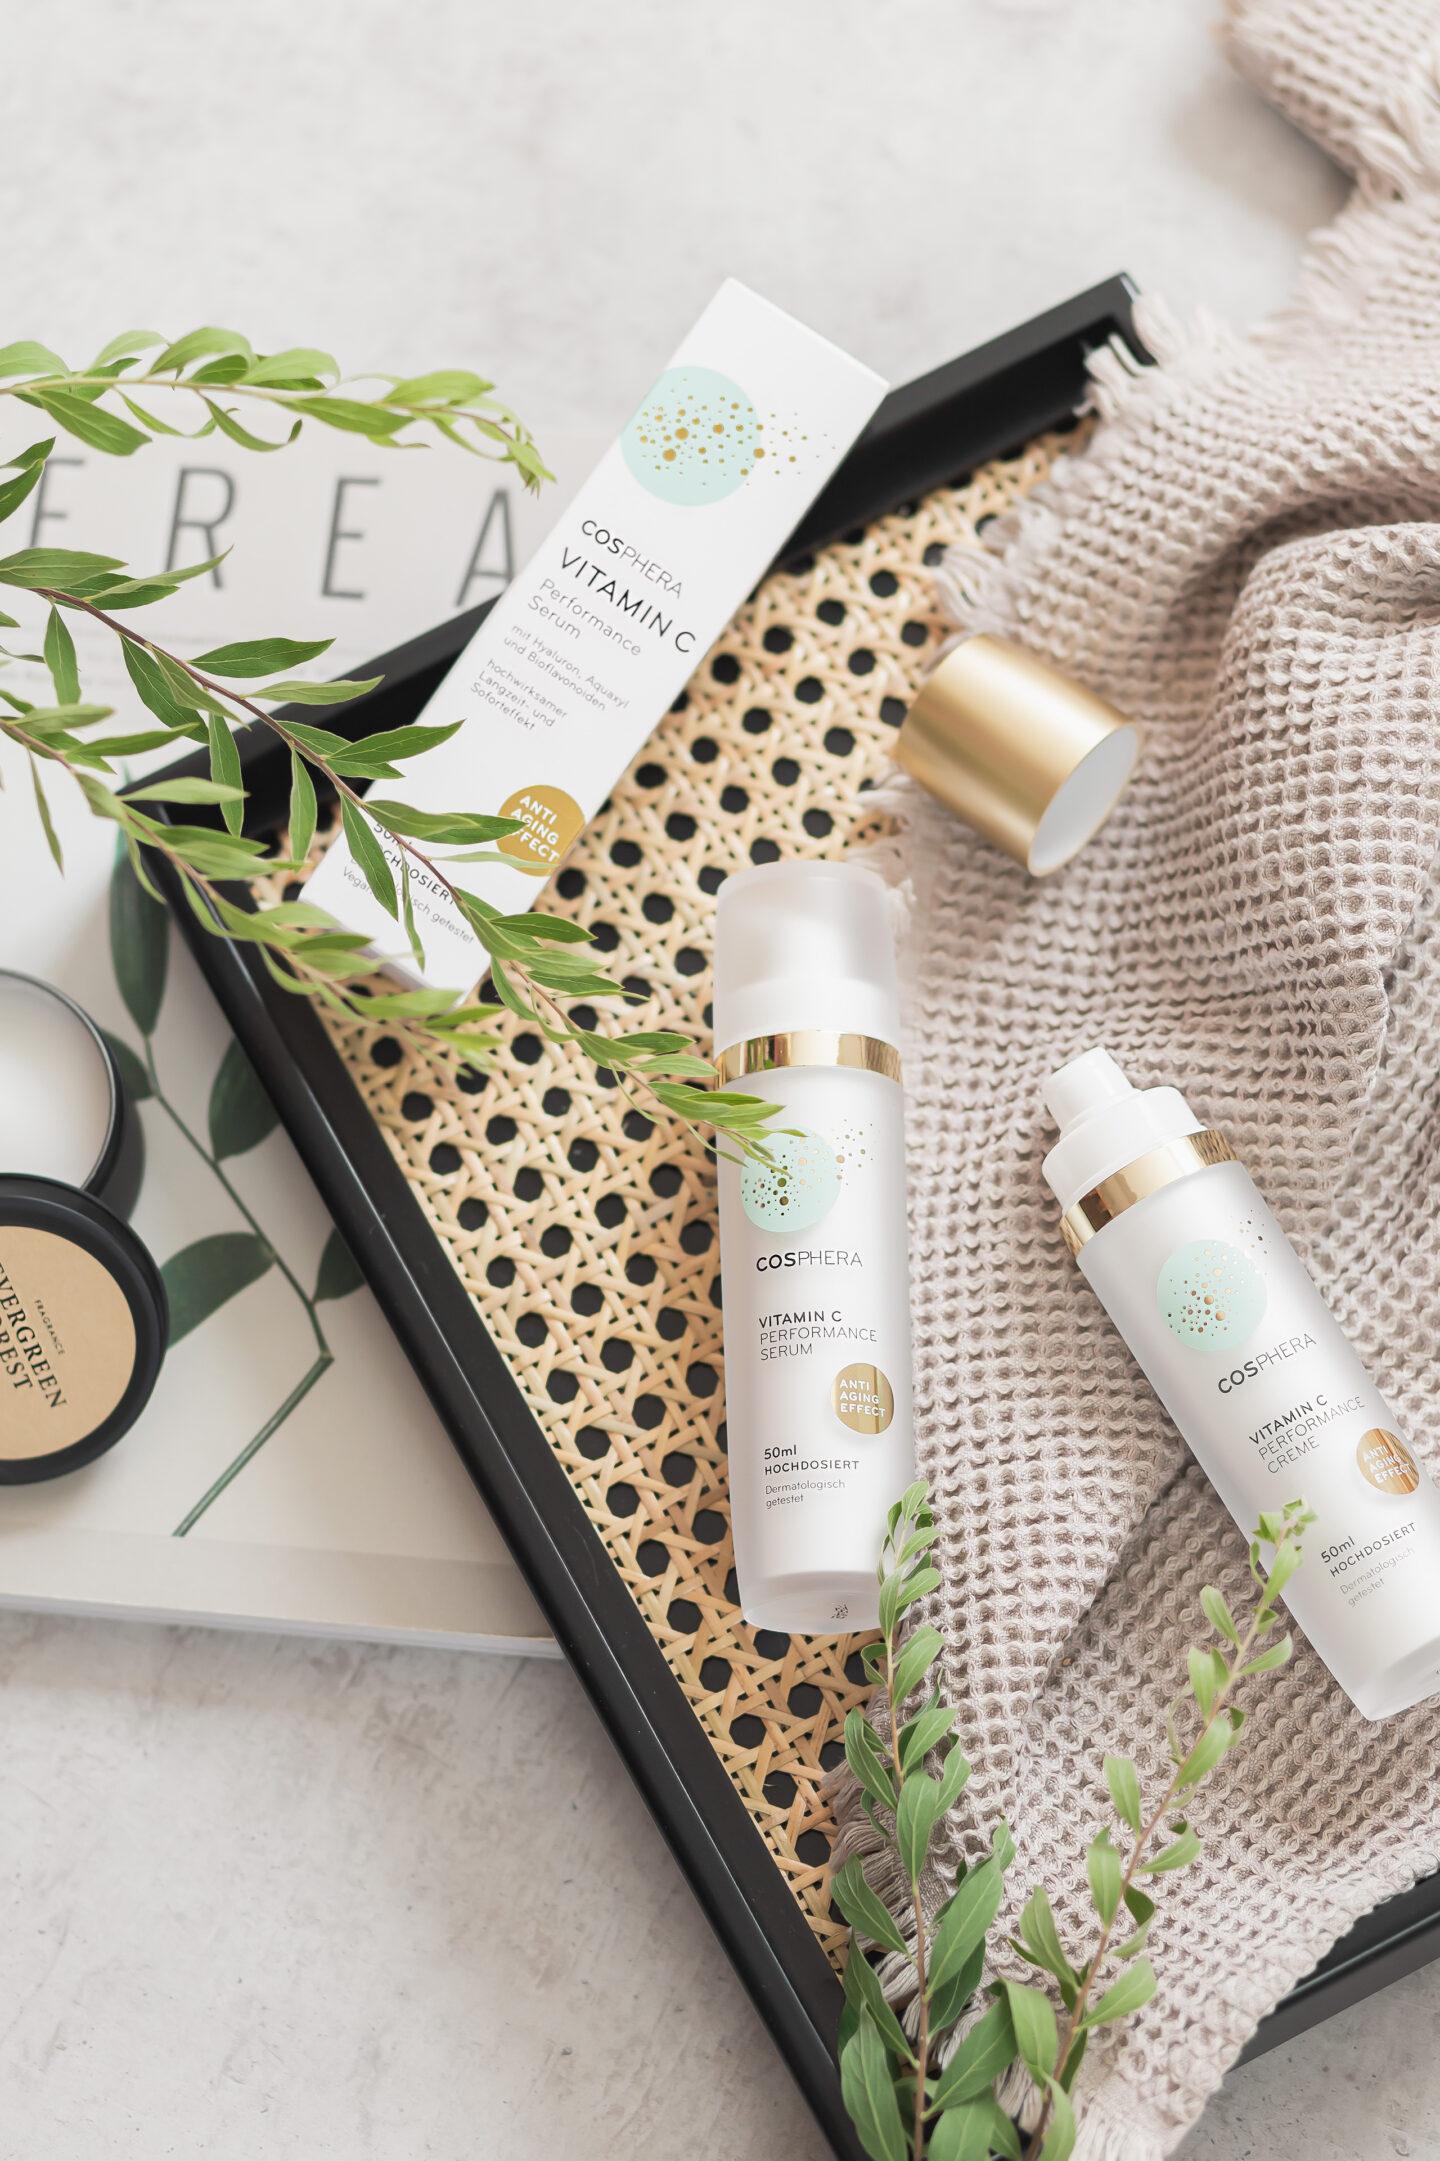 Cosphera Hautpflege im Test, Vitamin C Performance Creme und Serum, vegan und natürliche Hautpflege, Hautpflege im Sommer, Cosphera Erfahrungen, Bezaubernde Nana